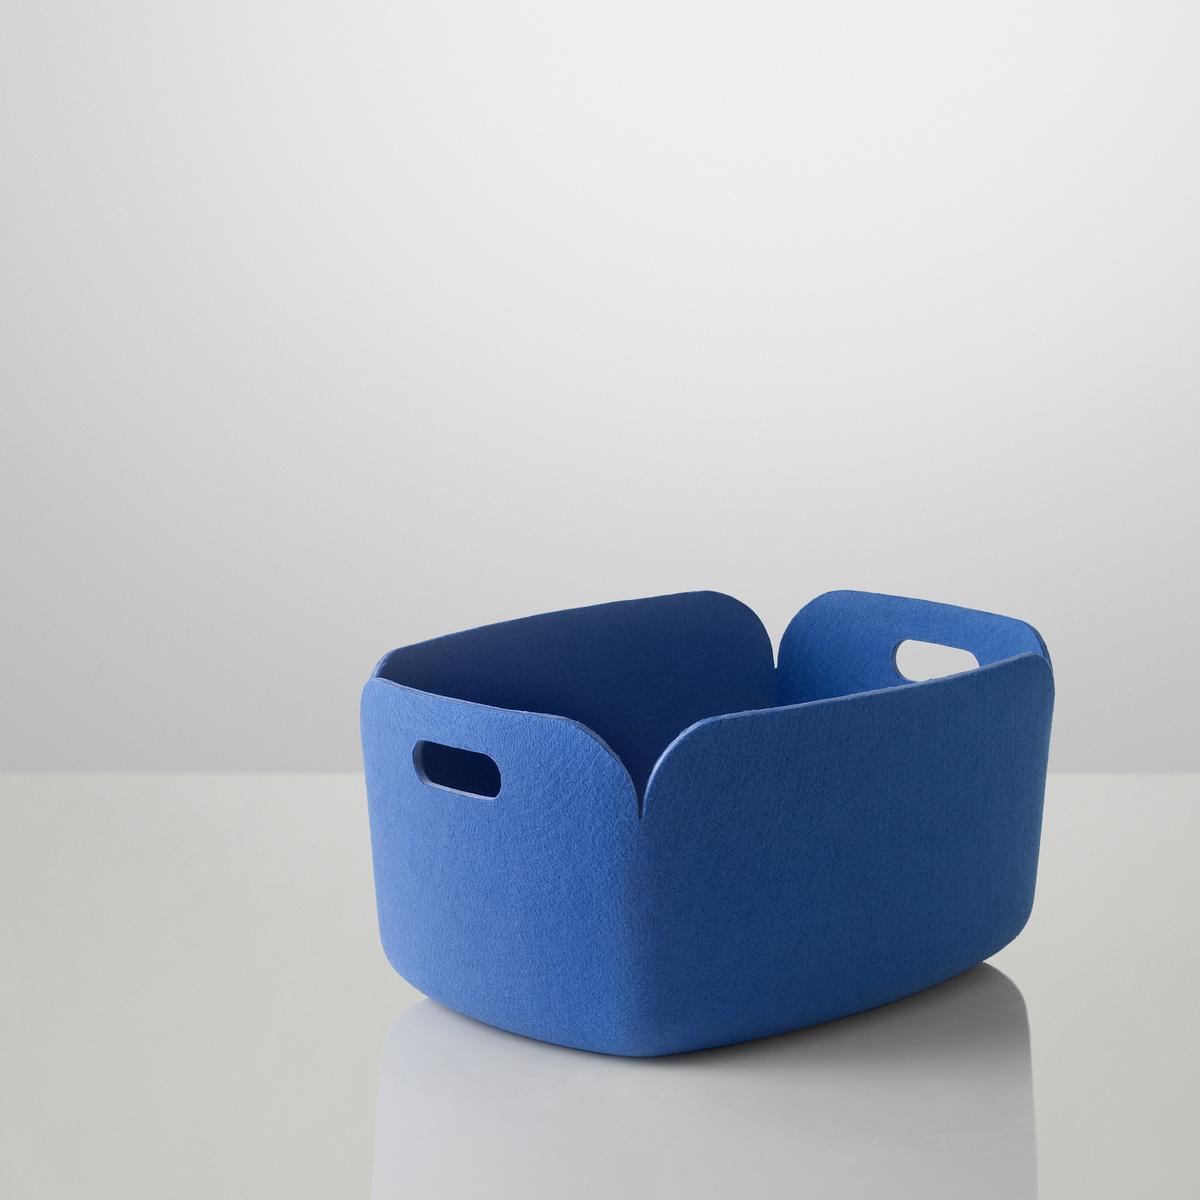 Muuto Kôš Restore Basket, modrý